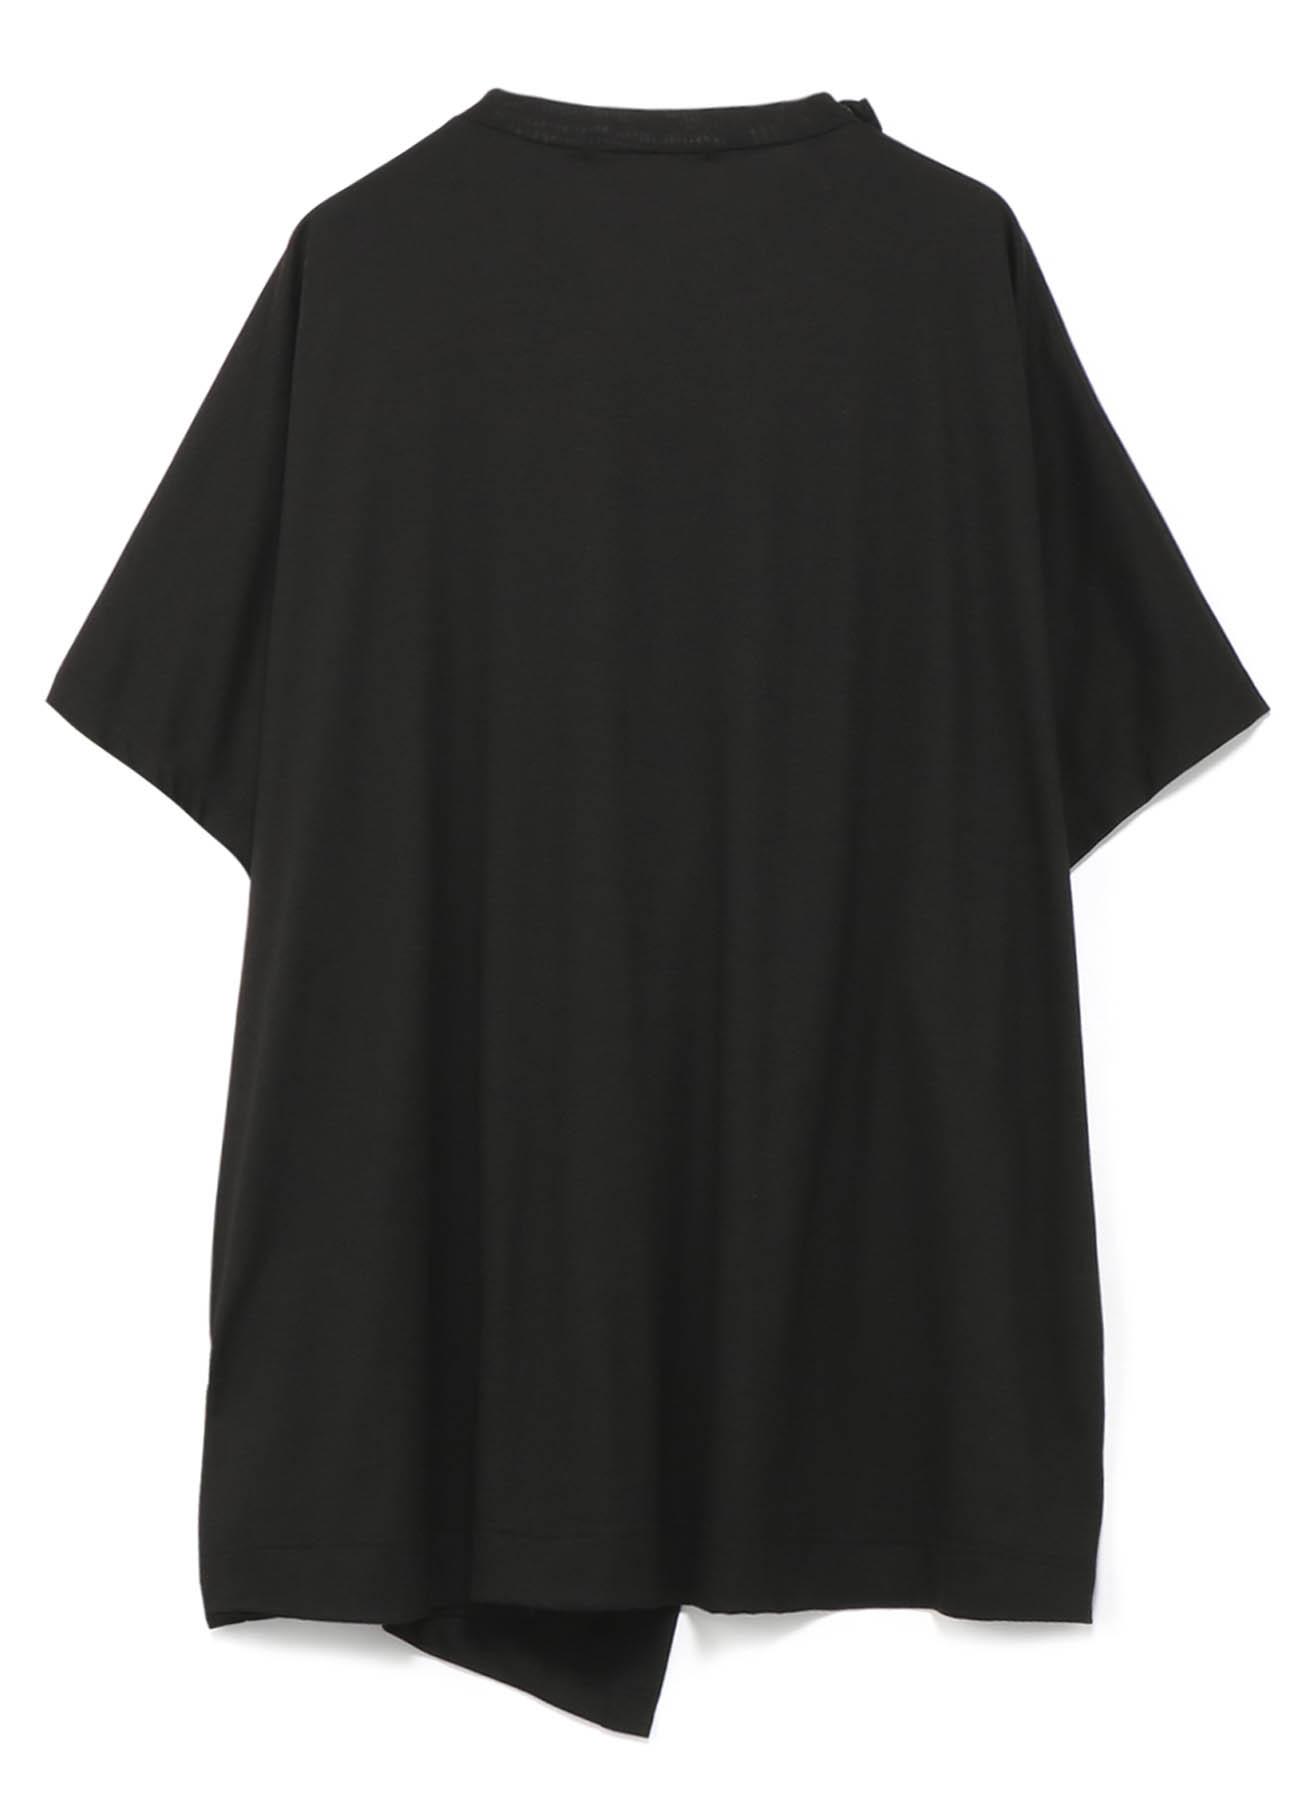 层叠设计不对称设计半袖T恤